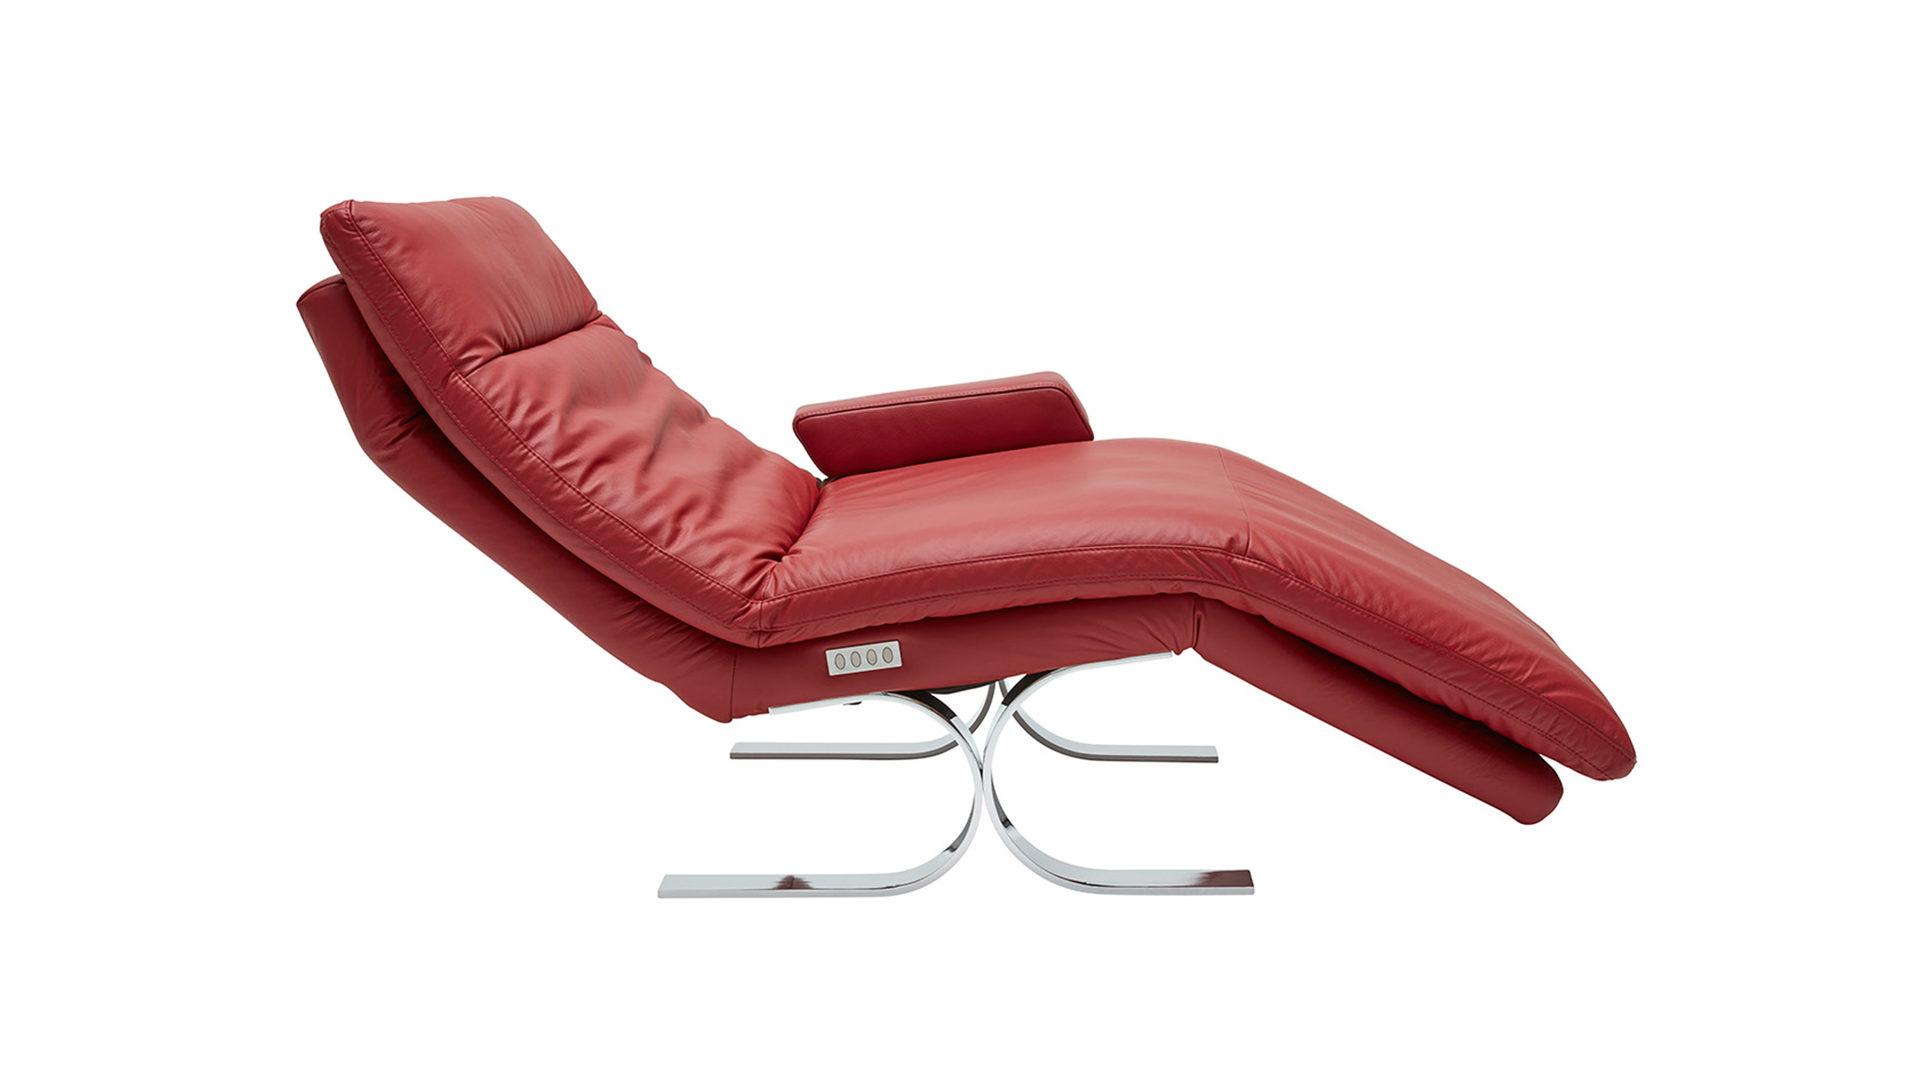 w schillig relaxliege bzw wohnzimmermobel